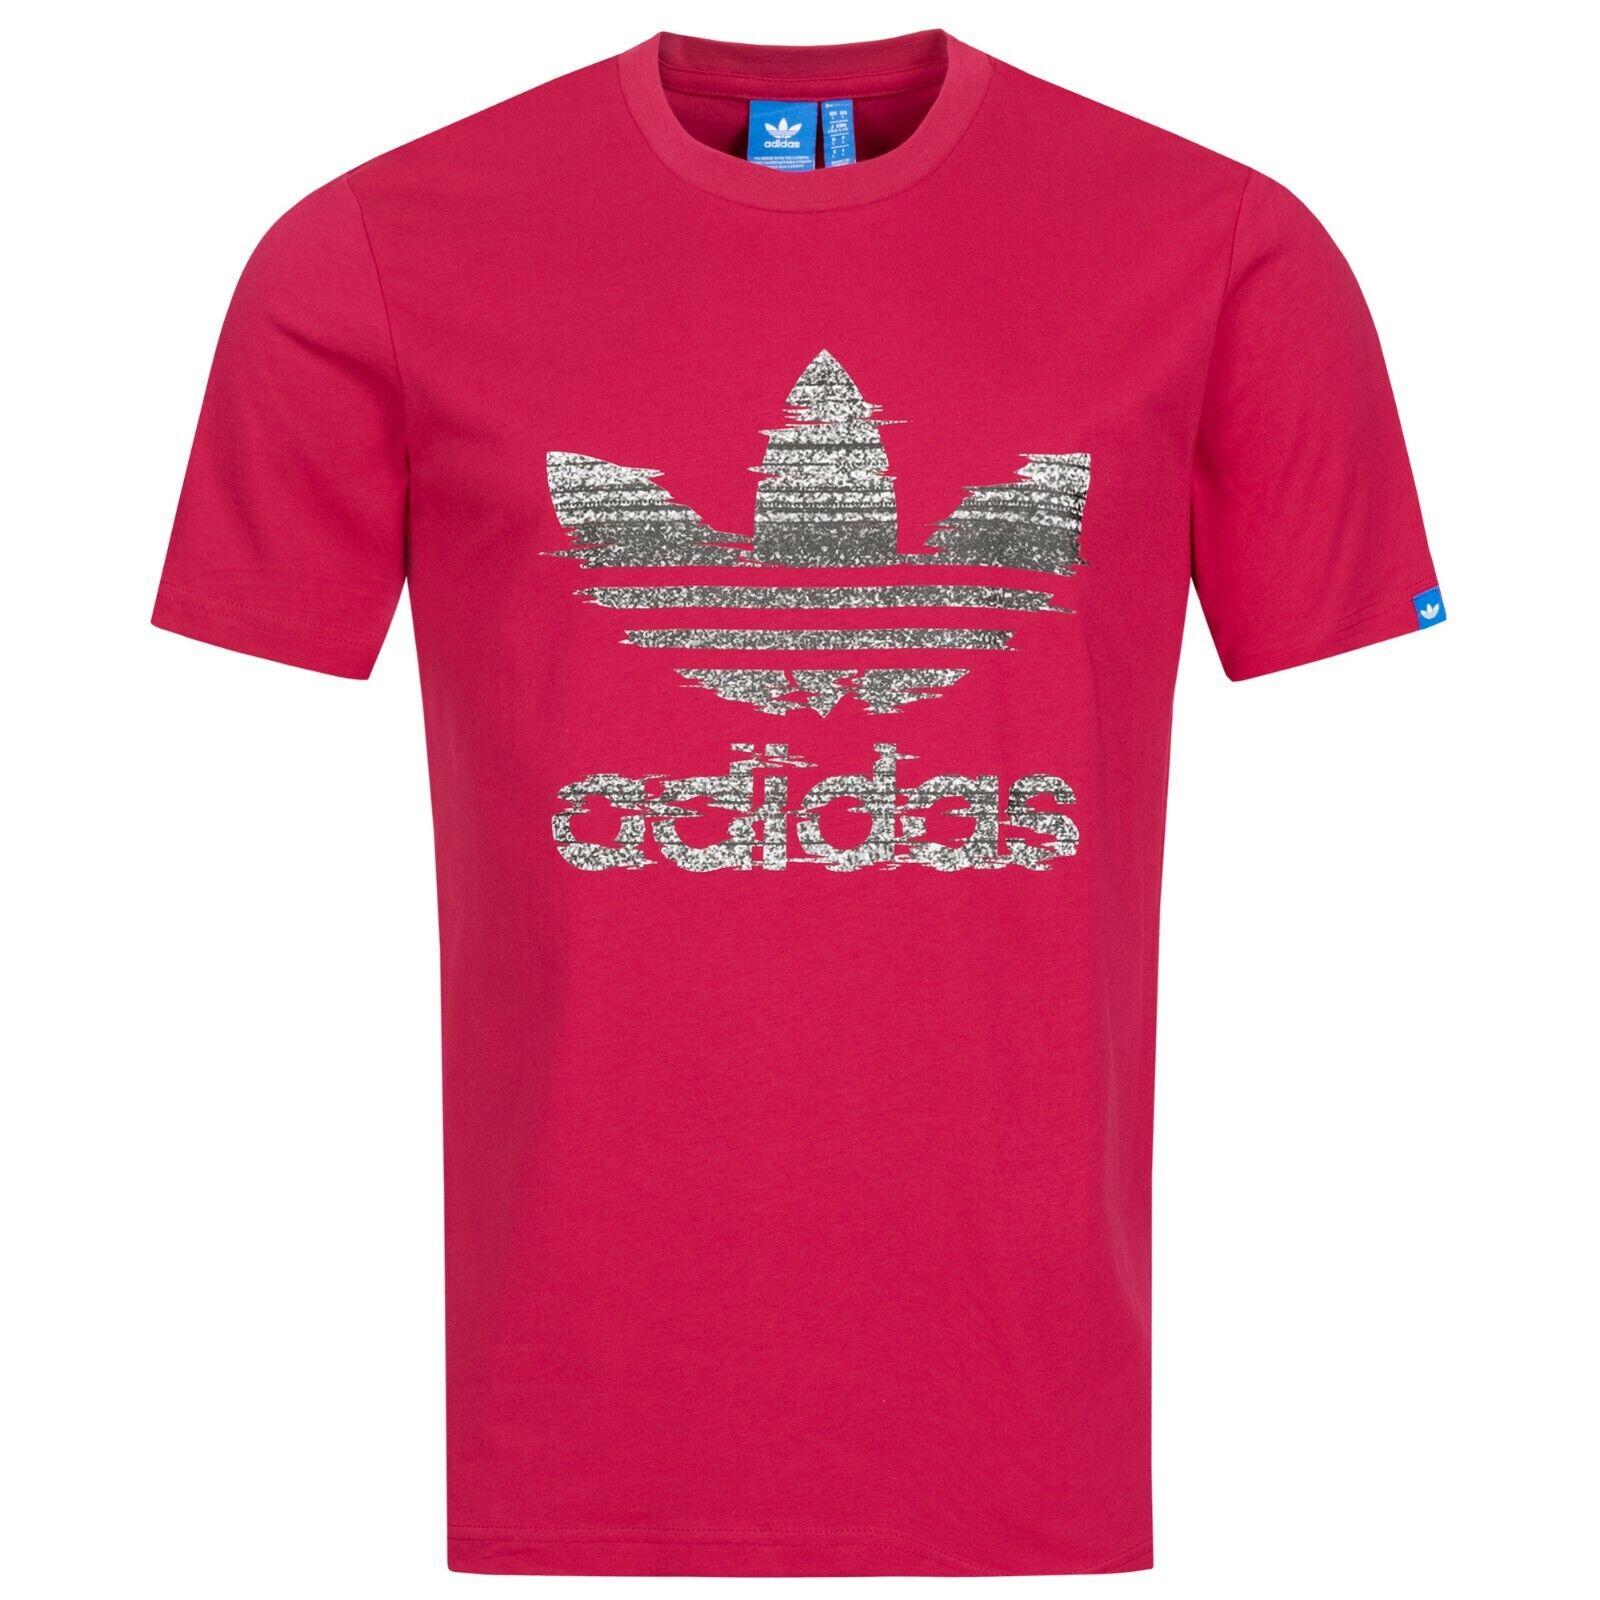 Z70611 Red Adidas Herren Sport-Freizeit T-Shirt CHINATOWN TREFOIL TEE Neu